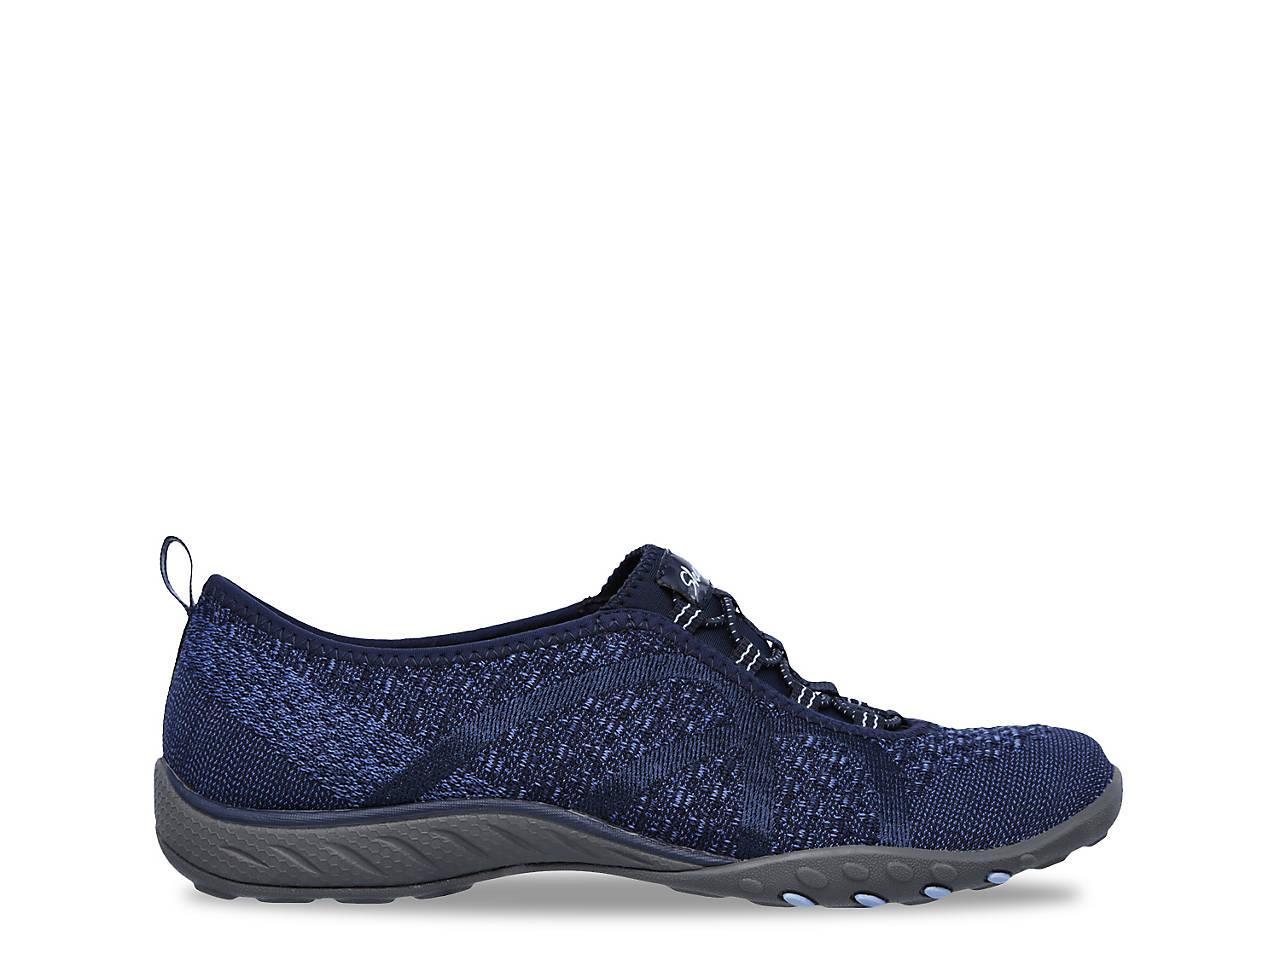 ea3366423a38d Skechers Relaxed Fit Breathe Easy Fortune Slip-On Sneaker Women's ...